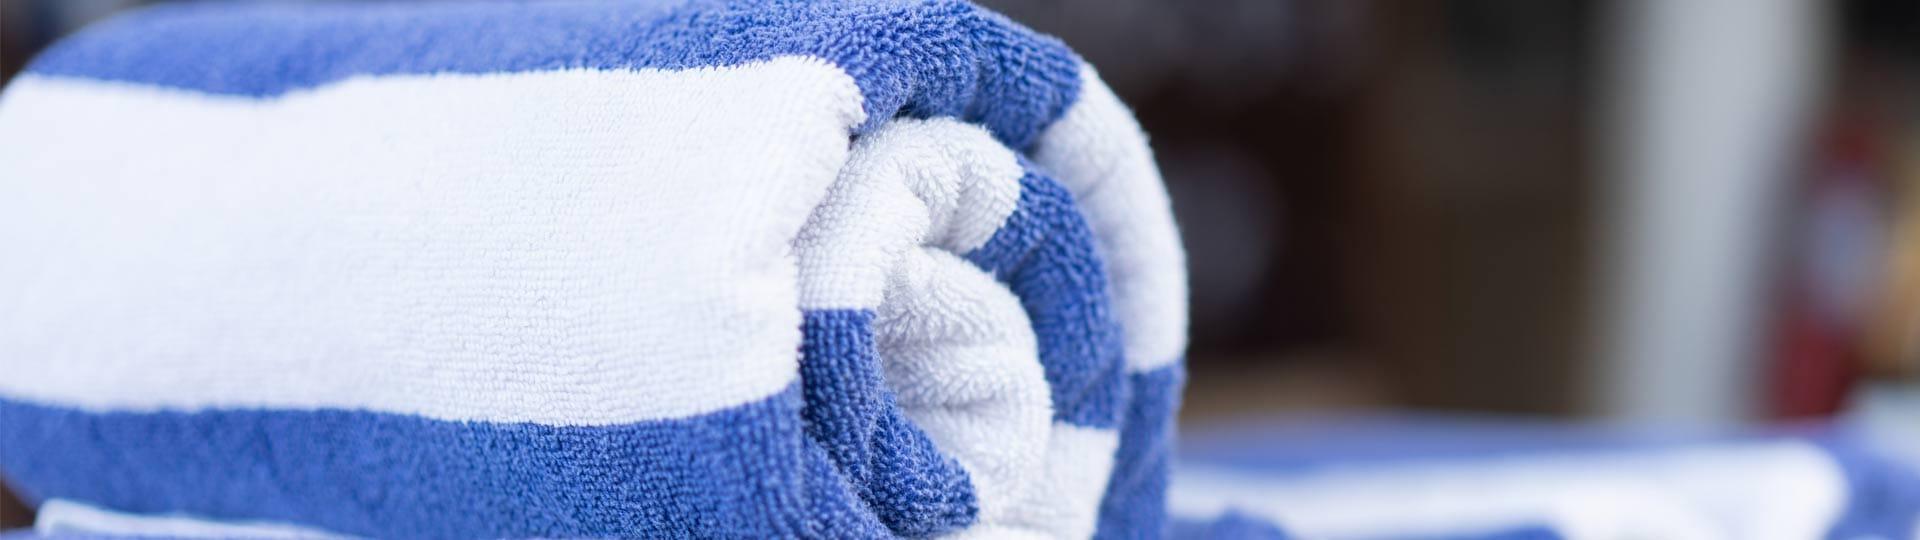 ¿Por qué es importante ducharse antes de entrar a la piscina?